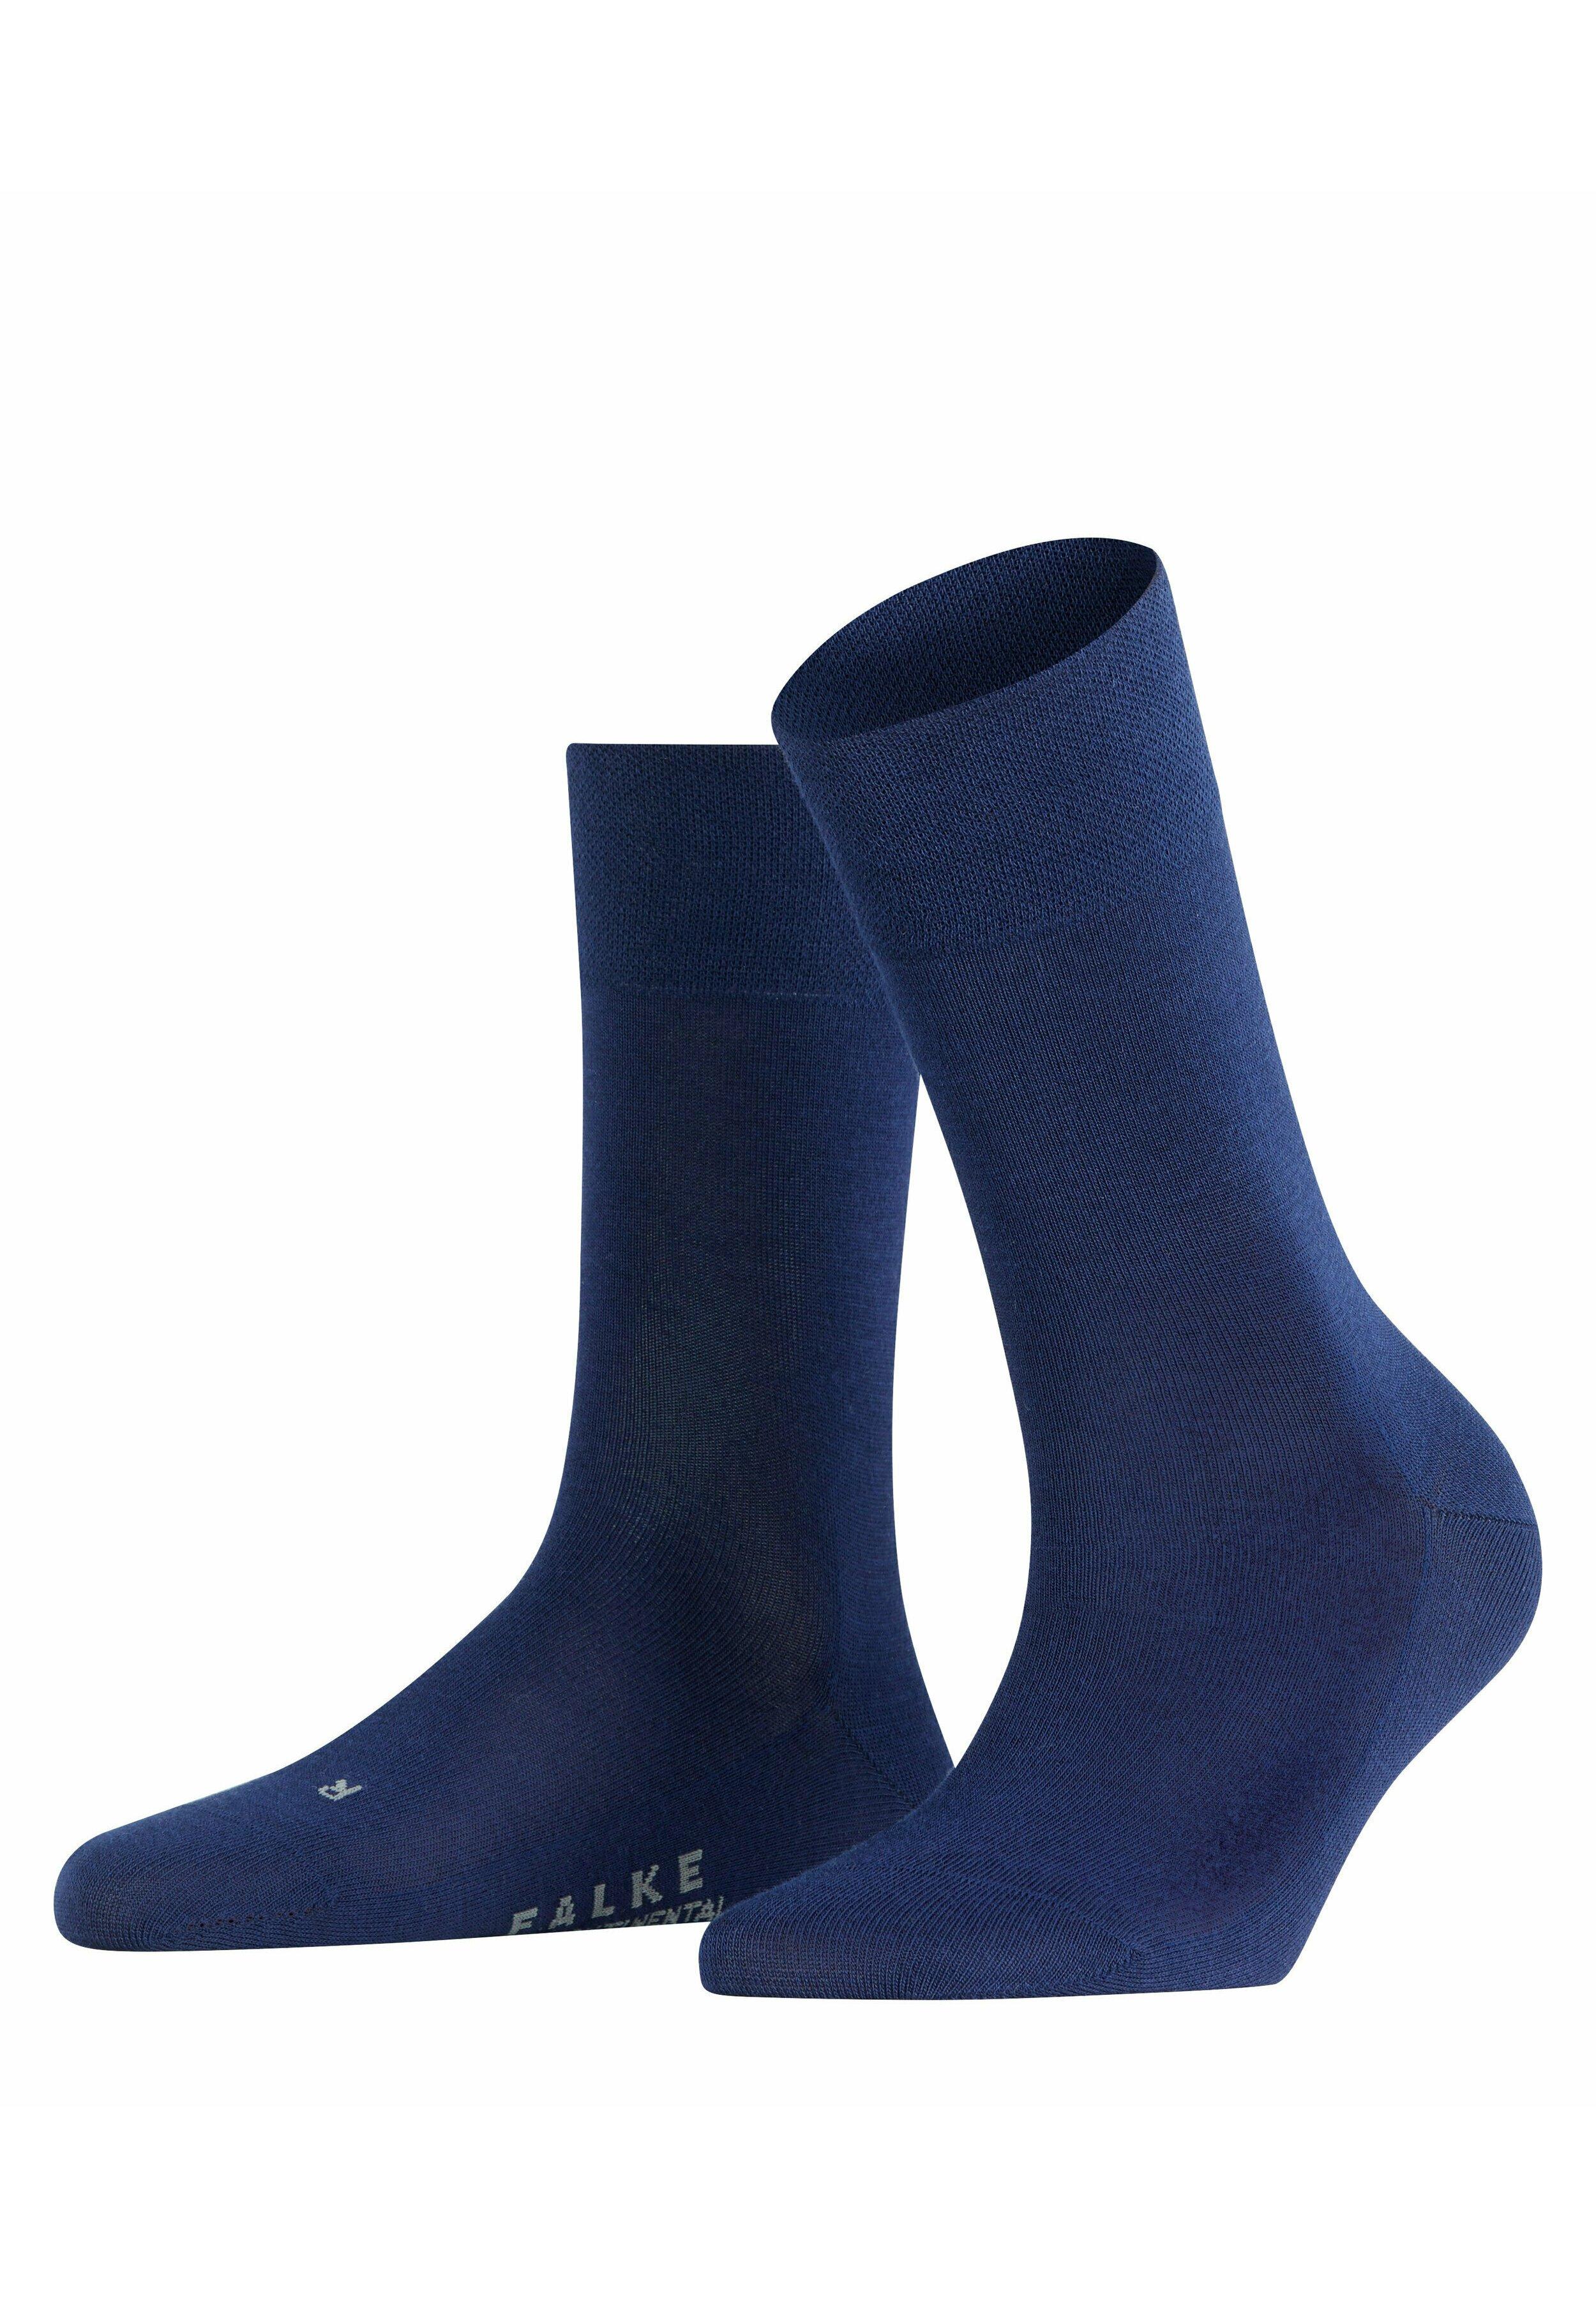 Femme SENSITIVE INTERCONTINENTAL - Chaussettes - deep blue